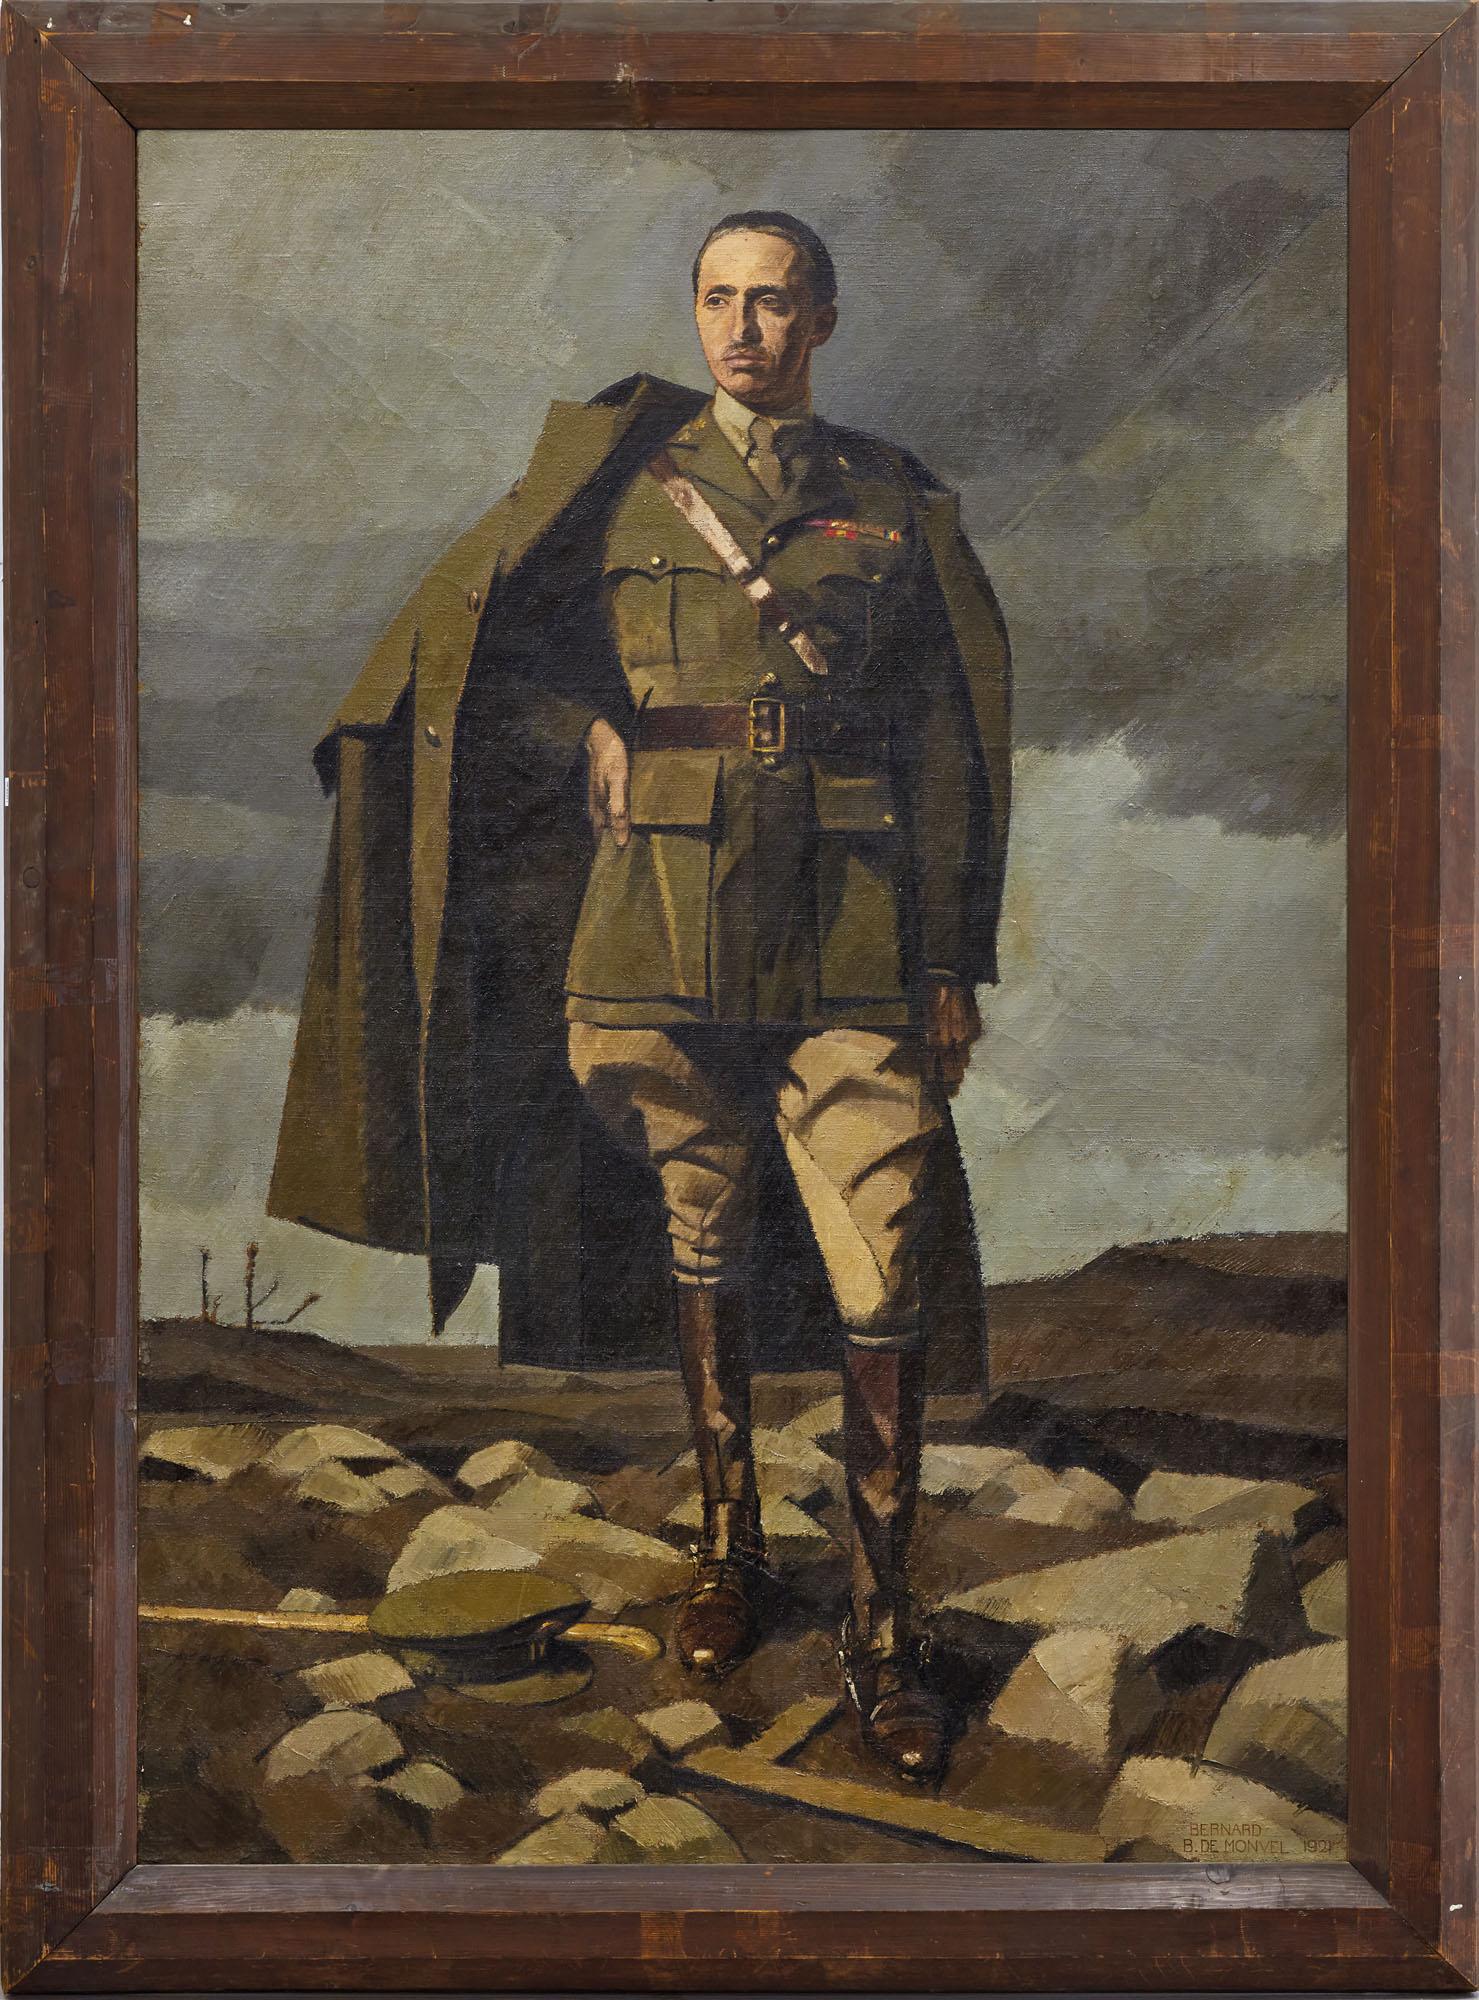 BERNARD BOUTET DE MONVEL (1881-1949)